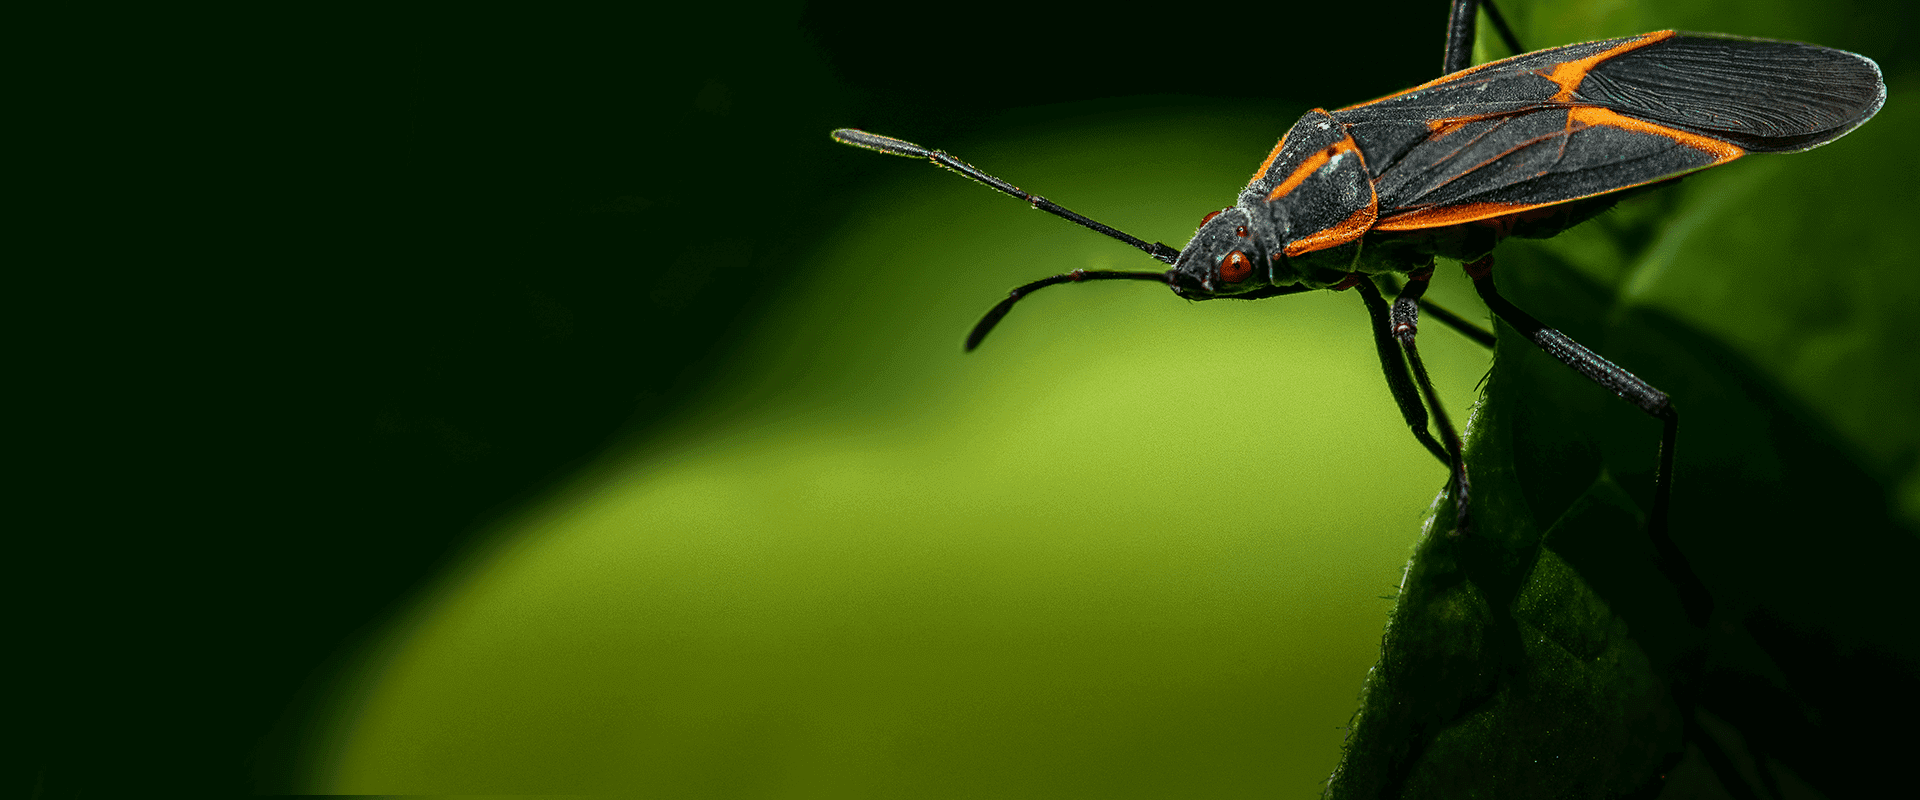 box elder bugs destroying plants in dc